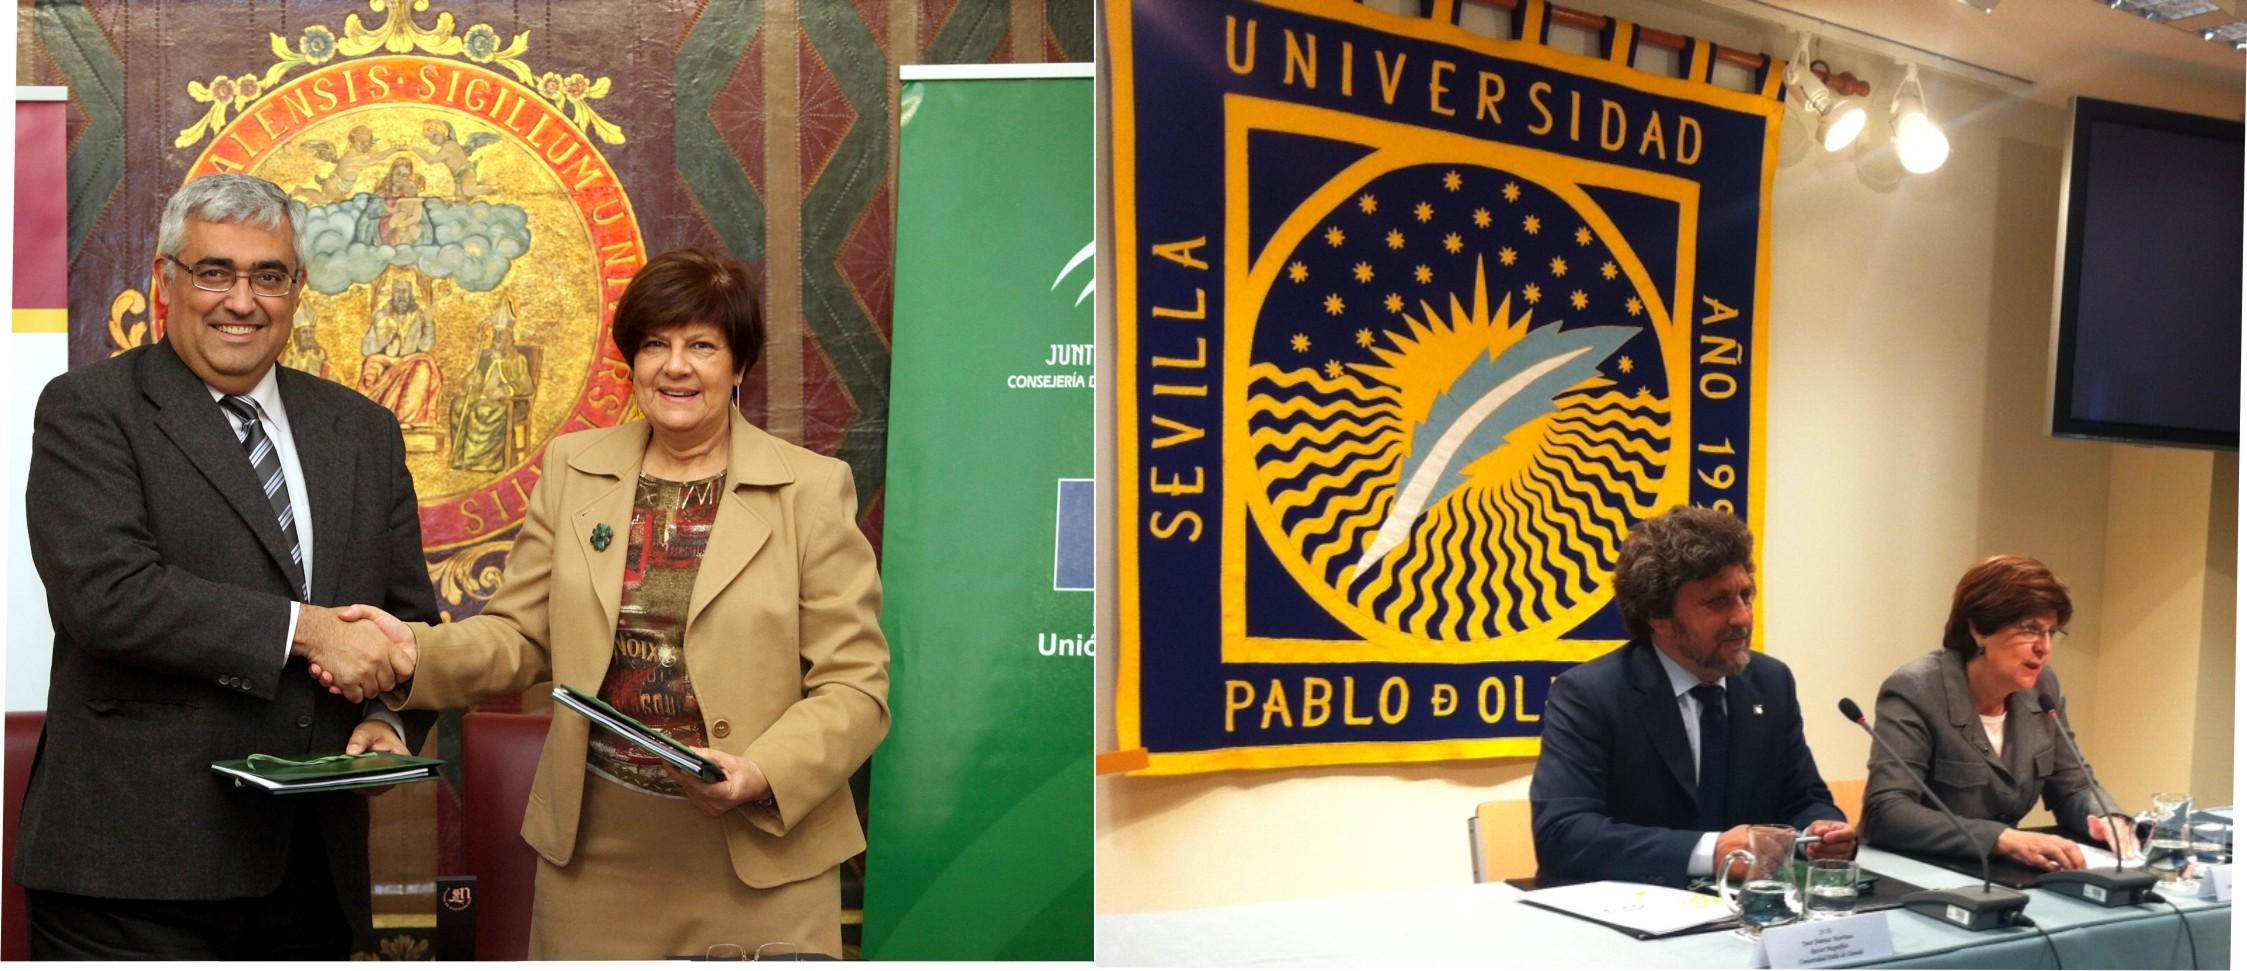 De izquierda a derecha: Rector de la Universidad Hispalense junto a Josefina Cruz y Rector de la Universidad Pablo de Olavide con la Consejera